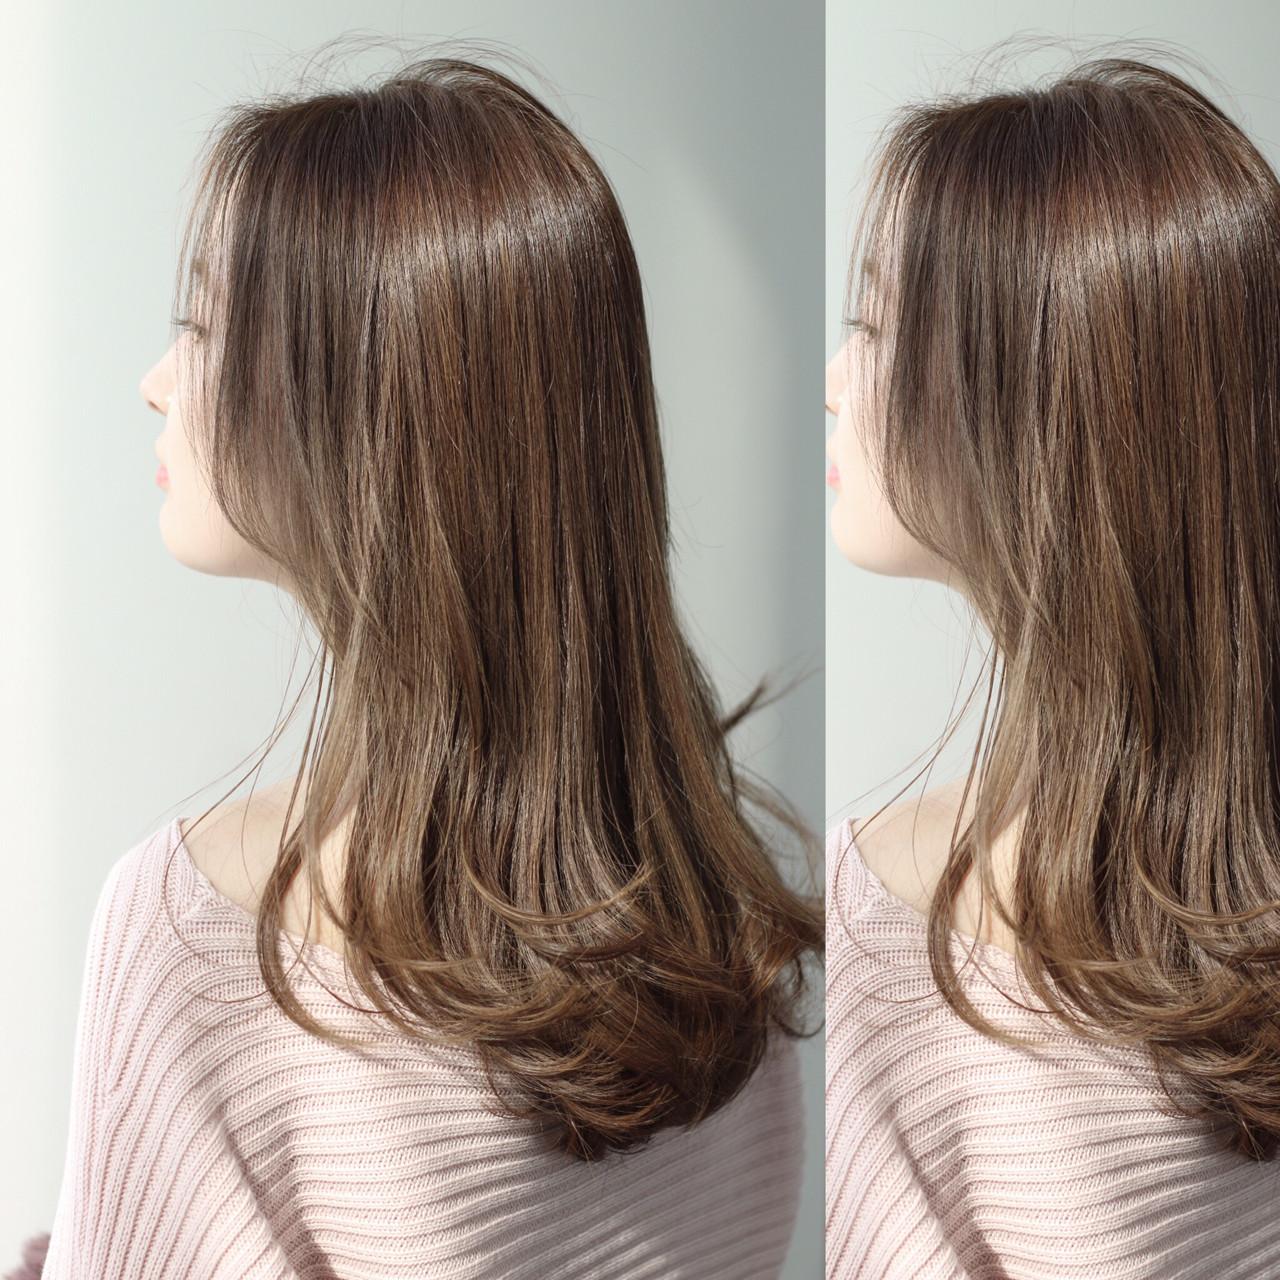 アッシュグレージュ グレージュ ロング アッシュ ヘアスタイルや髪型の写真・画像 | ZACC vie 宮森貴志 / ZACC vie